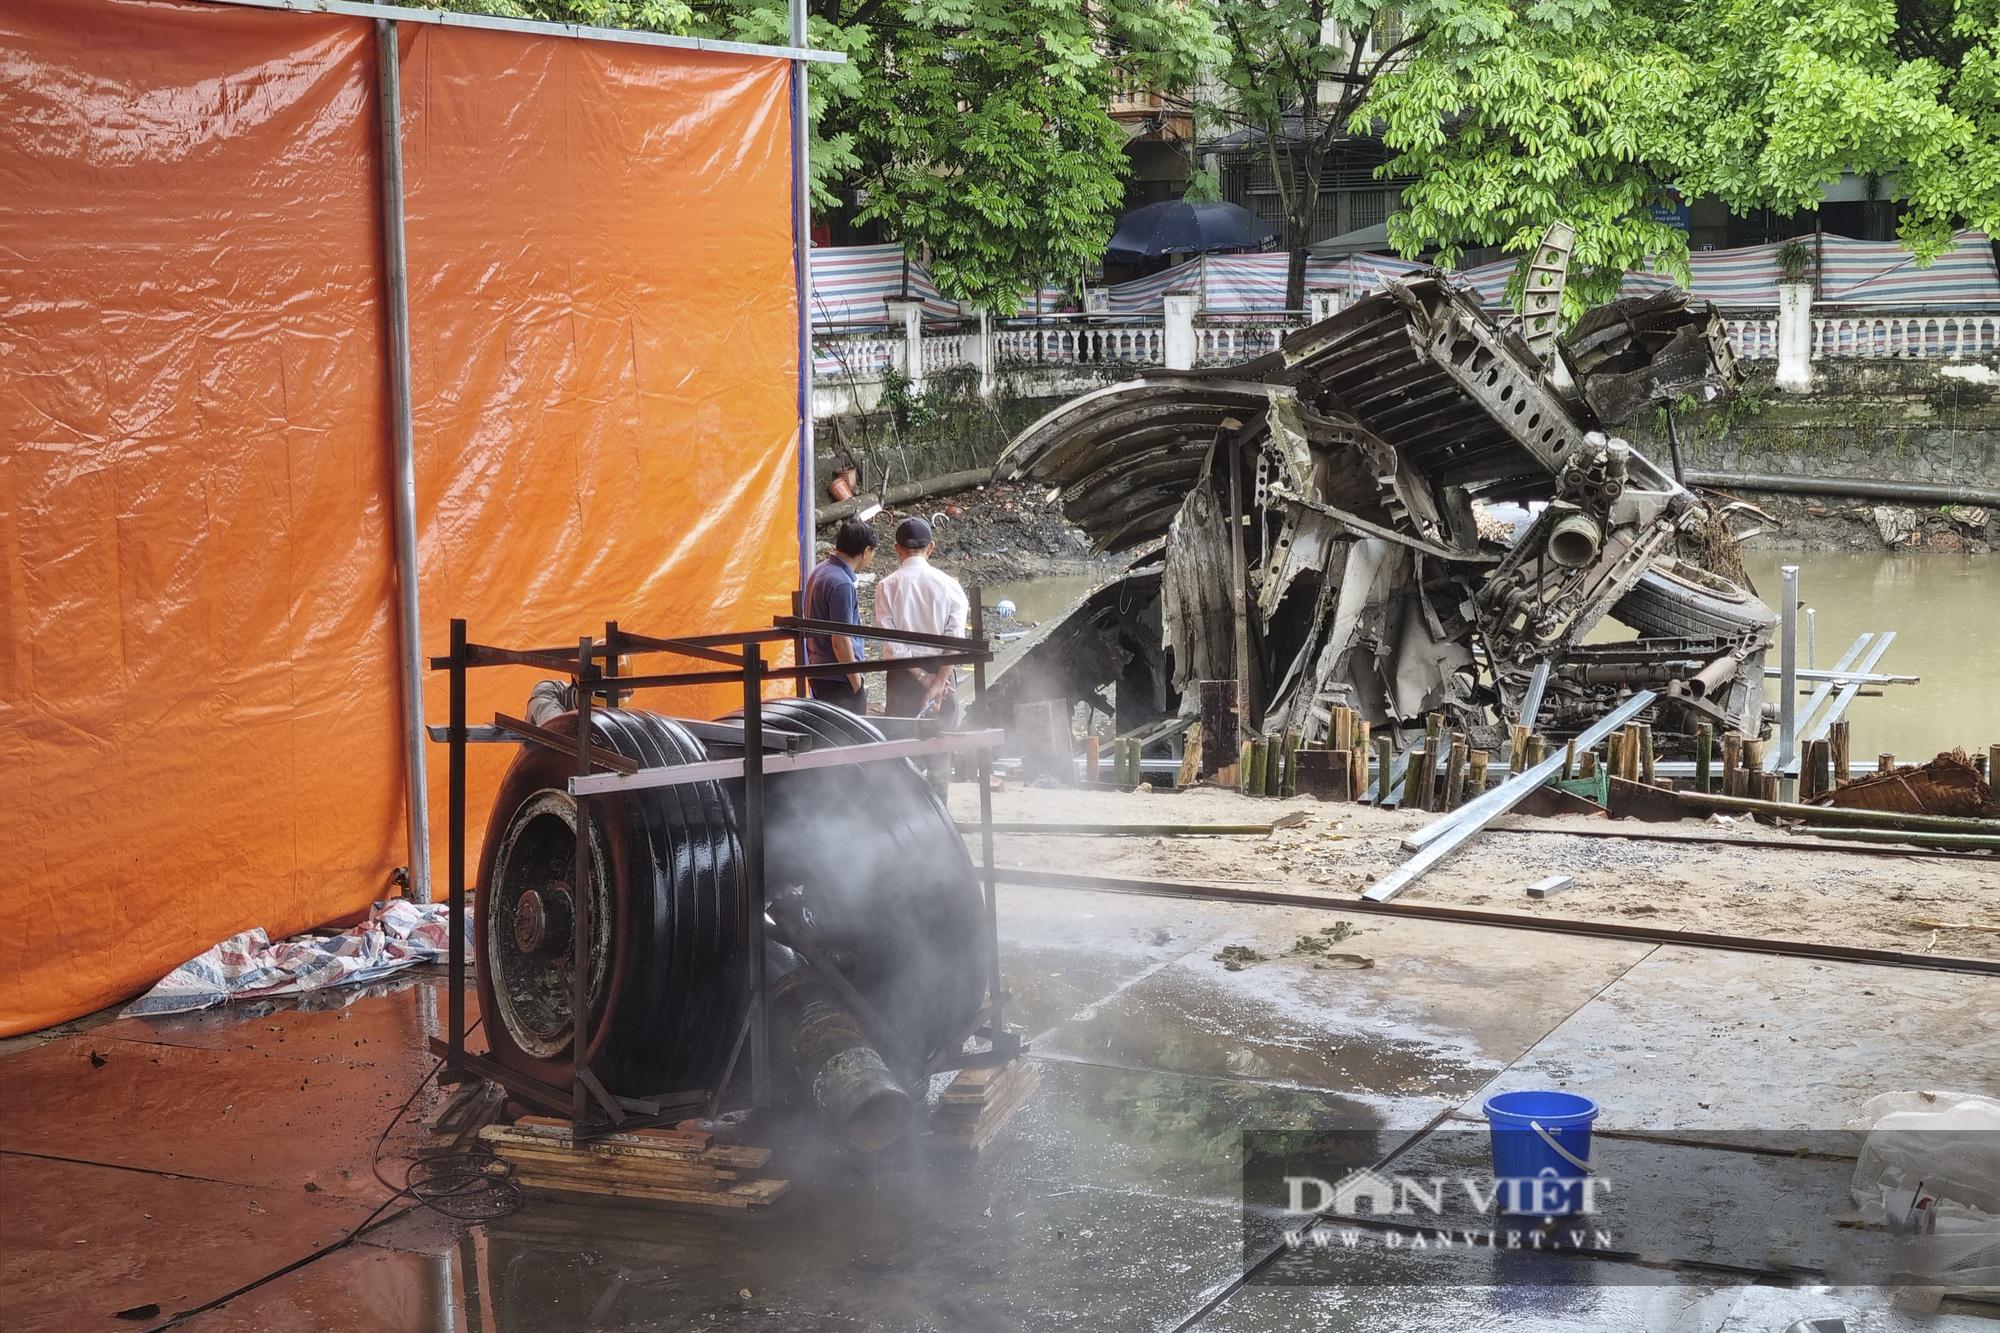 Hồ Hữu Tiệp, nơi xác máy bay B52 bị bắn rơi tại Hà Nội được tu bổ, tôn tạo - Ảnh 7.